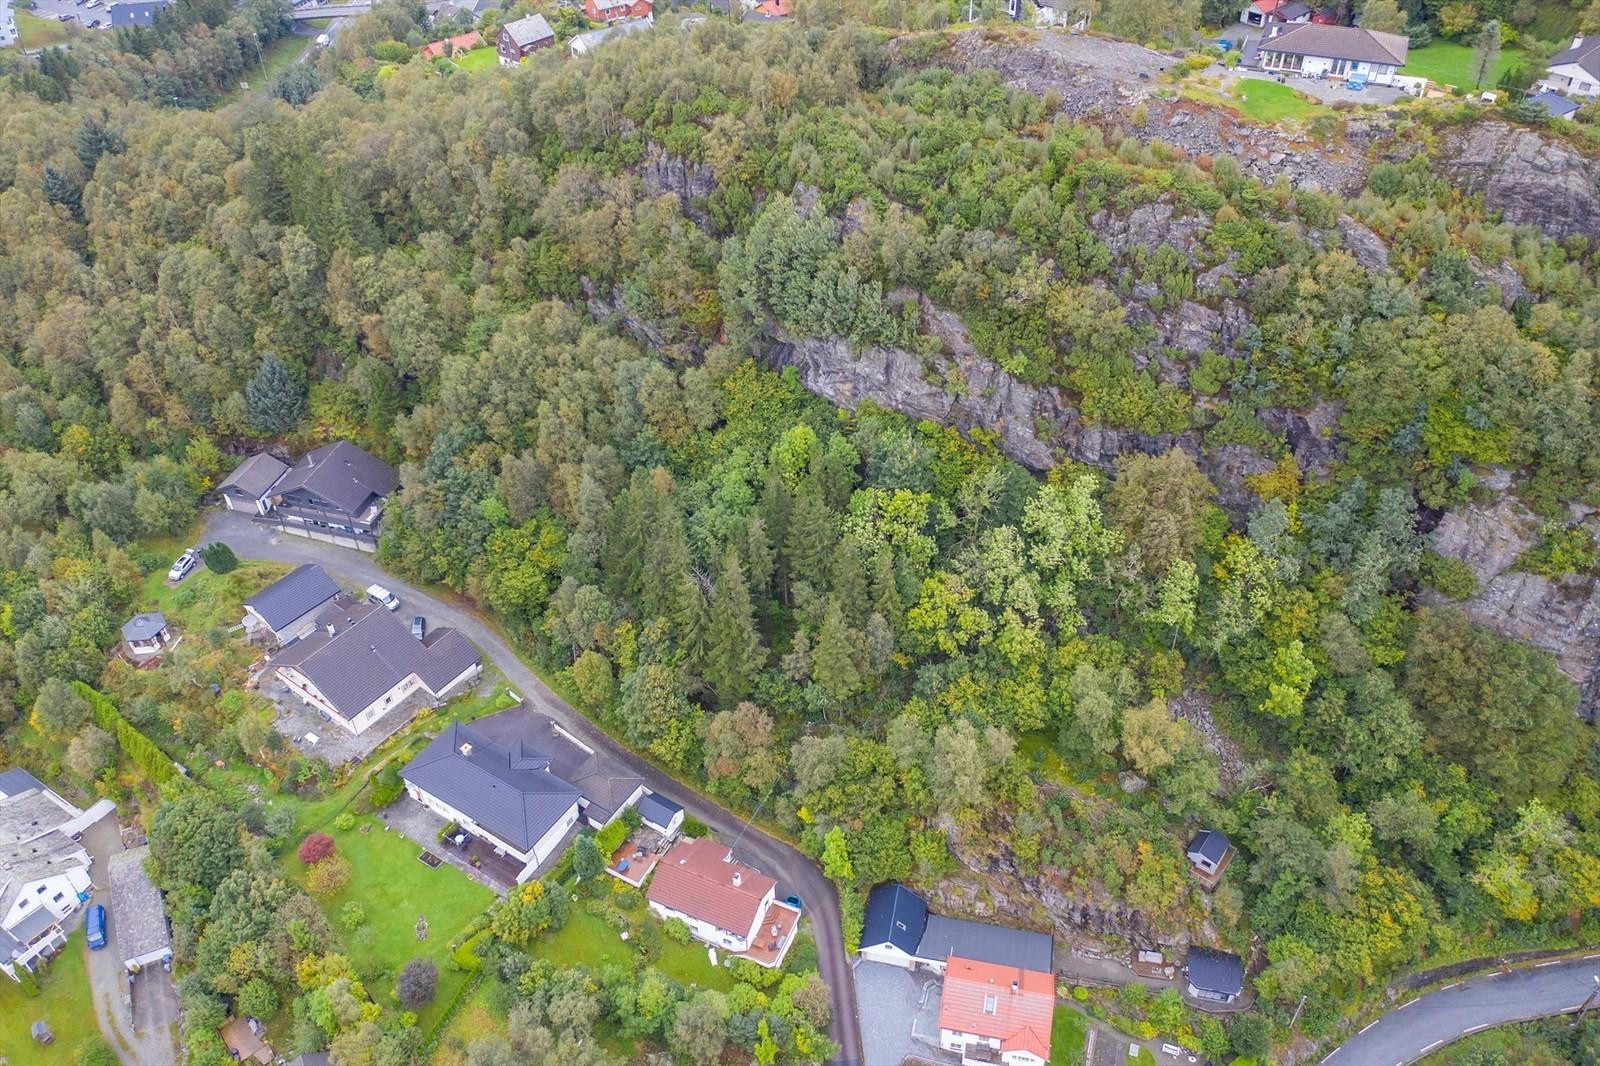 Bnr. 41 ligger på oppsiden av bebyggelsen i bildet.